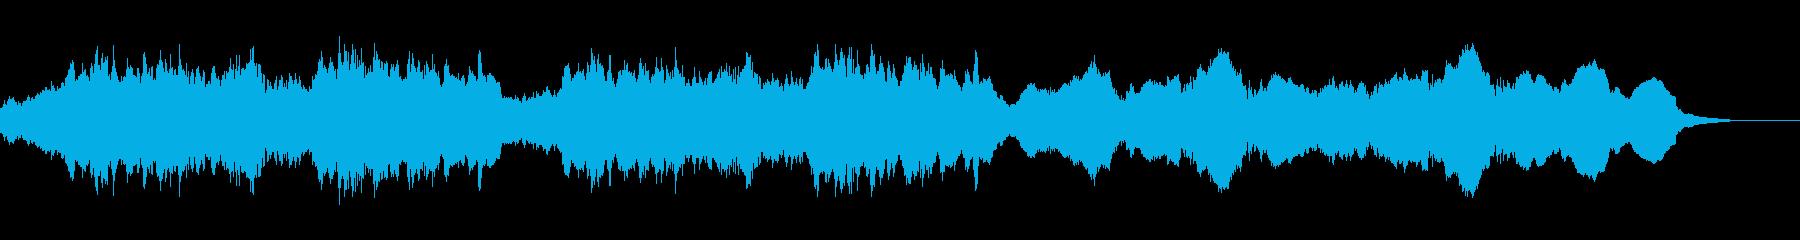 教会シーンに合う神々しいパイプオルガンの再生済みの波形